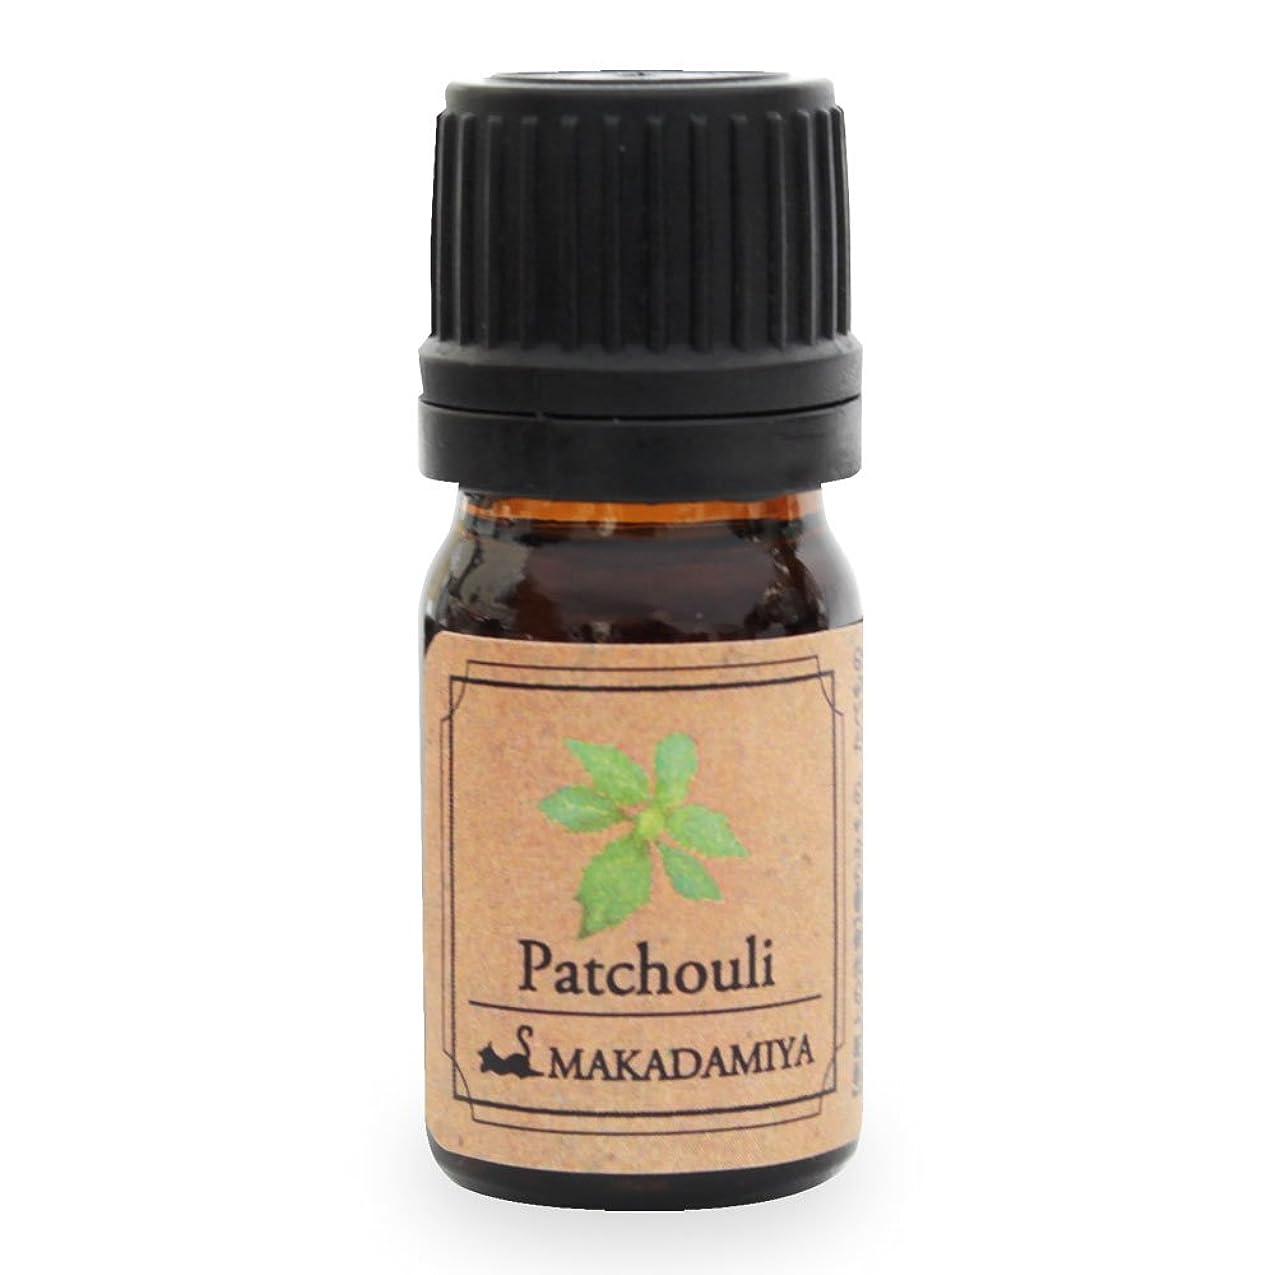 失礼なに勝る騒ぎパチュリ5ml 天然100%植物性 エッセンシャルオイル(精油) アロマオイル アロママッサージ aroma Patchouli